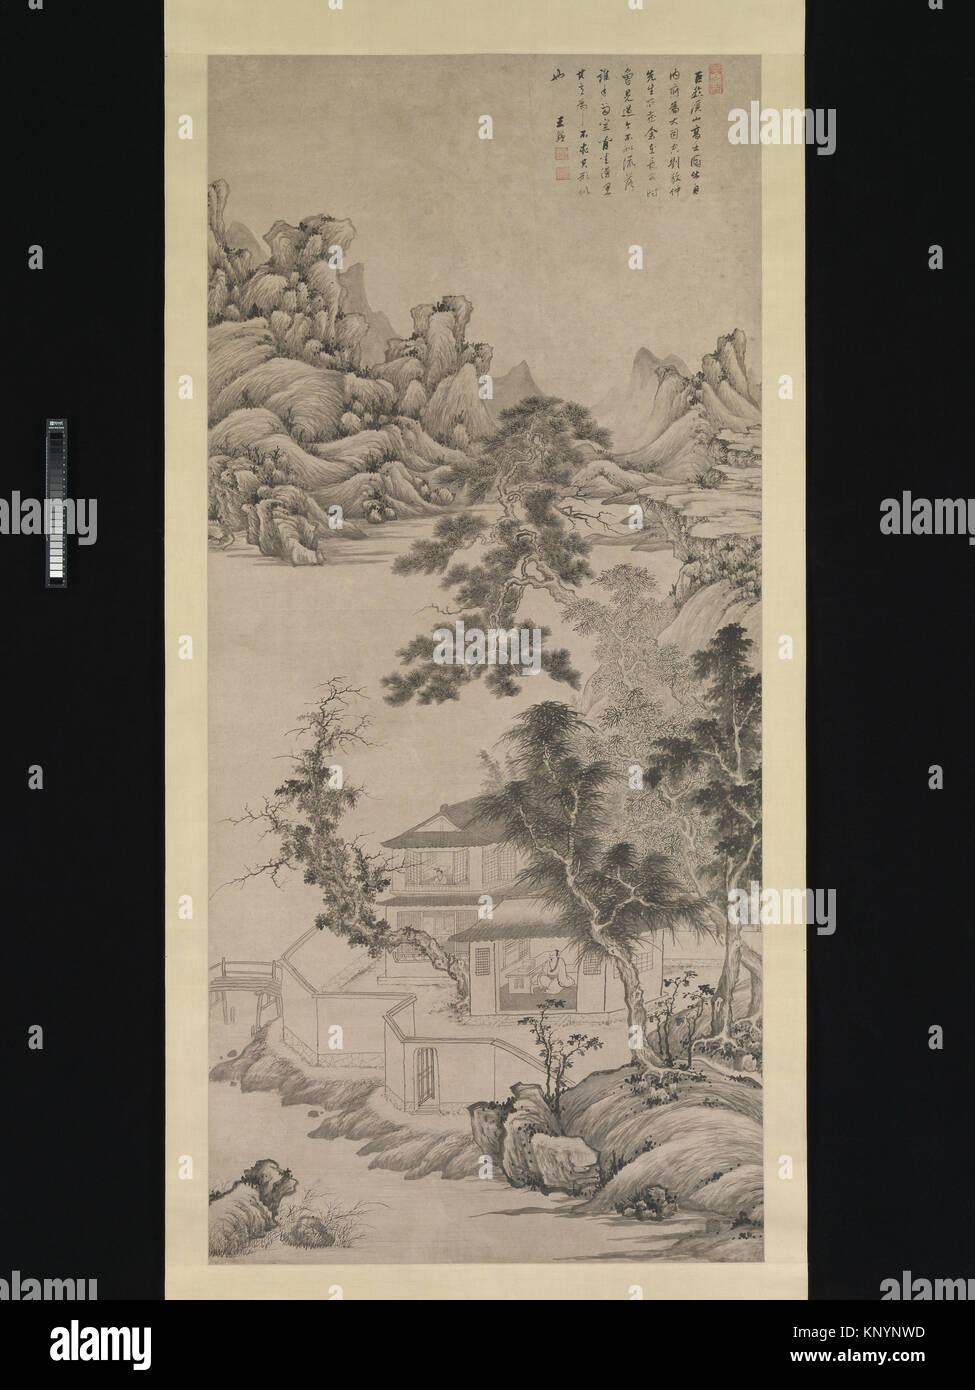 """清 王é'' 倣巨ç""""¶ã€Šæºªå±±é«˜å£«åœ - Stock Image"""